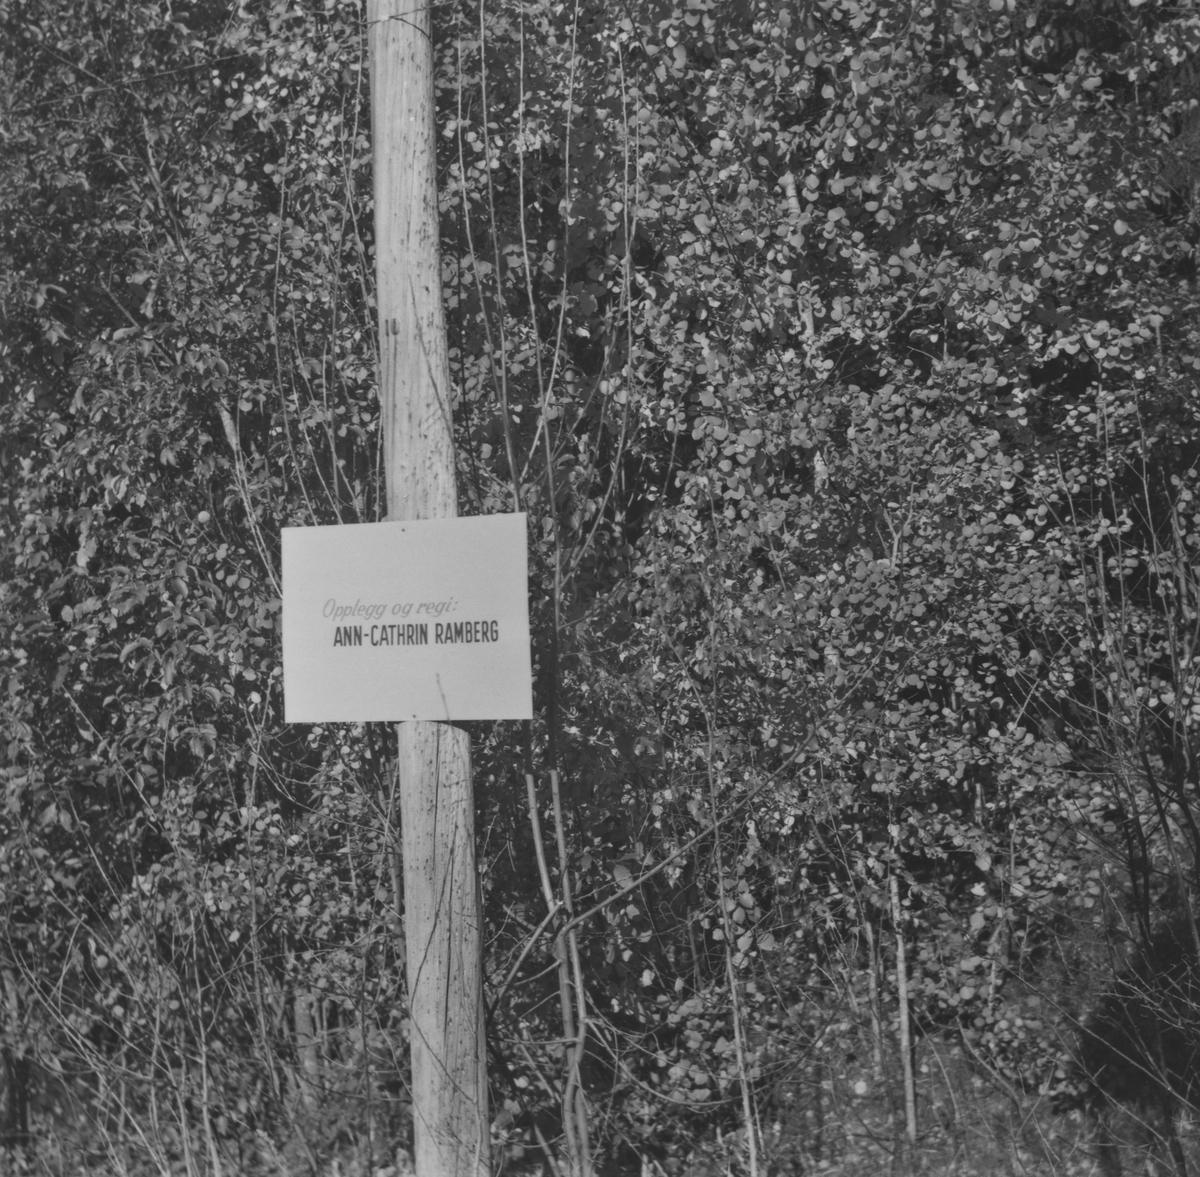 Fra en TV-produksjon som ble tatt opp i 1967. Carl Fr Thorsager var guide og plakatene som sees på stolpene var avslutning. Det ble kjørt med diesellok fra stolpe til stolpe.